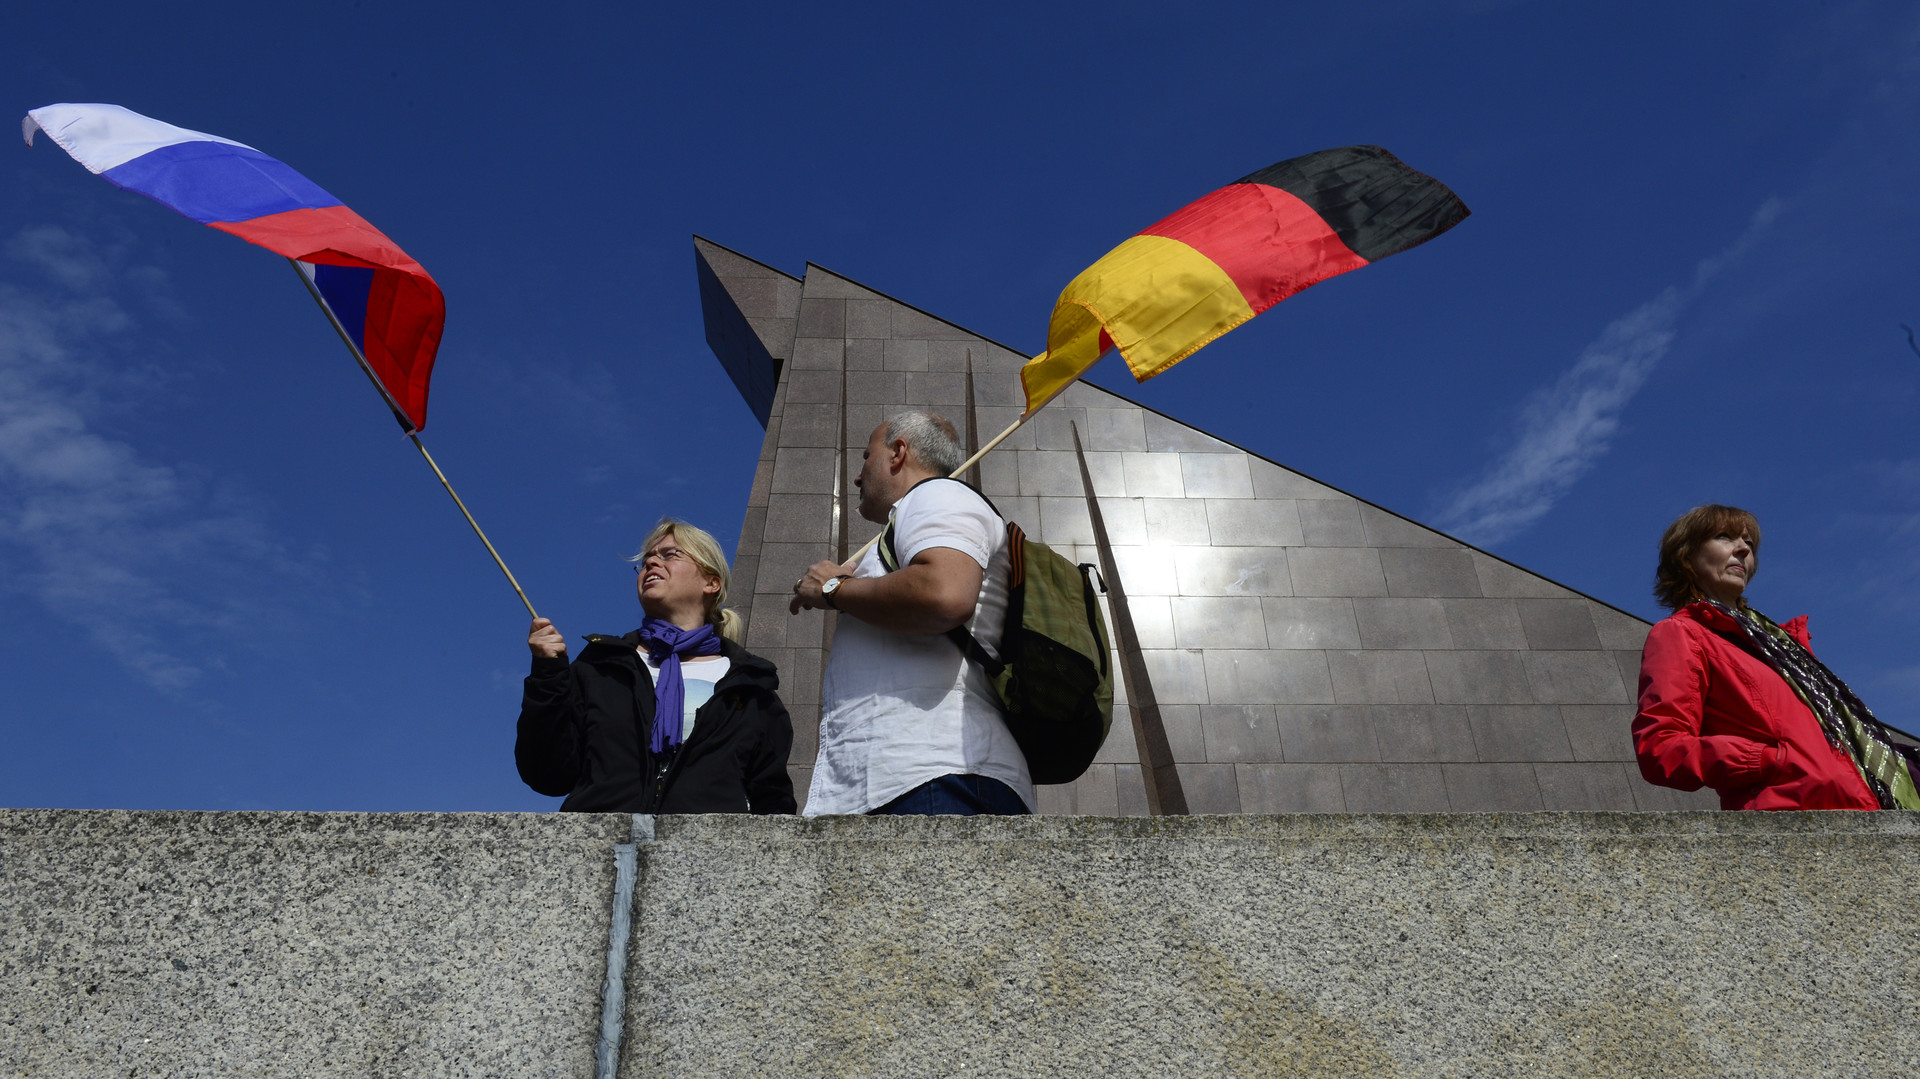 Нижняя Саксония отказалась вводить новые санкции против России